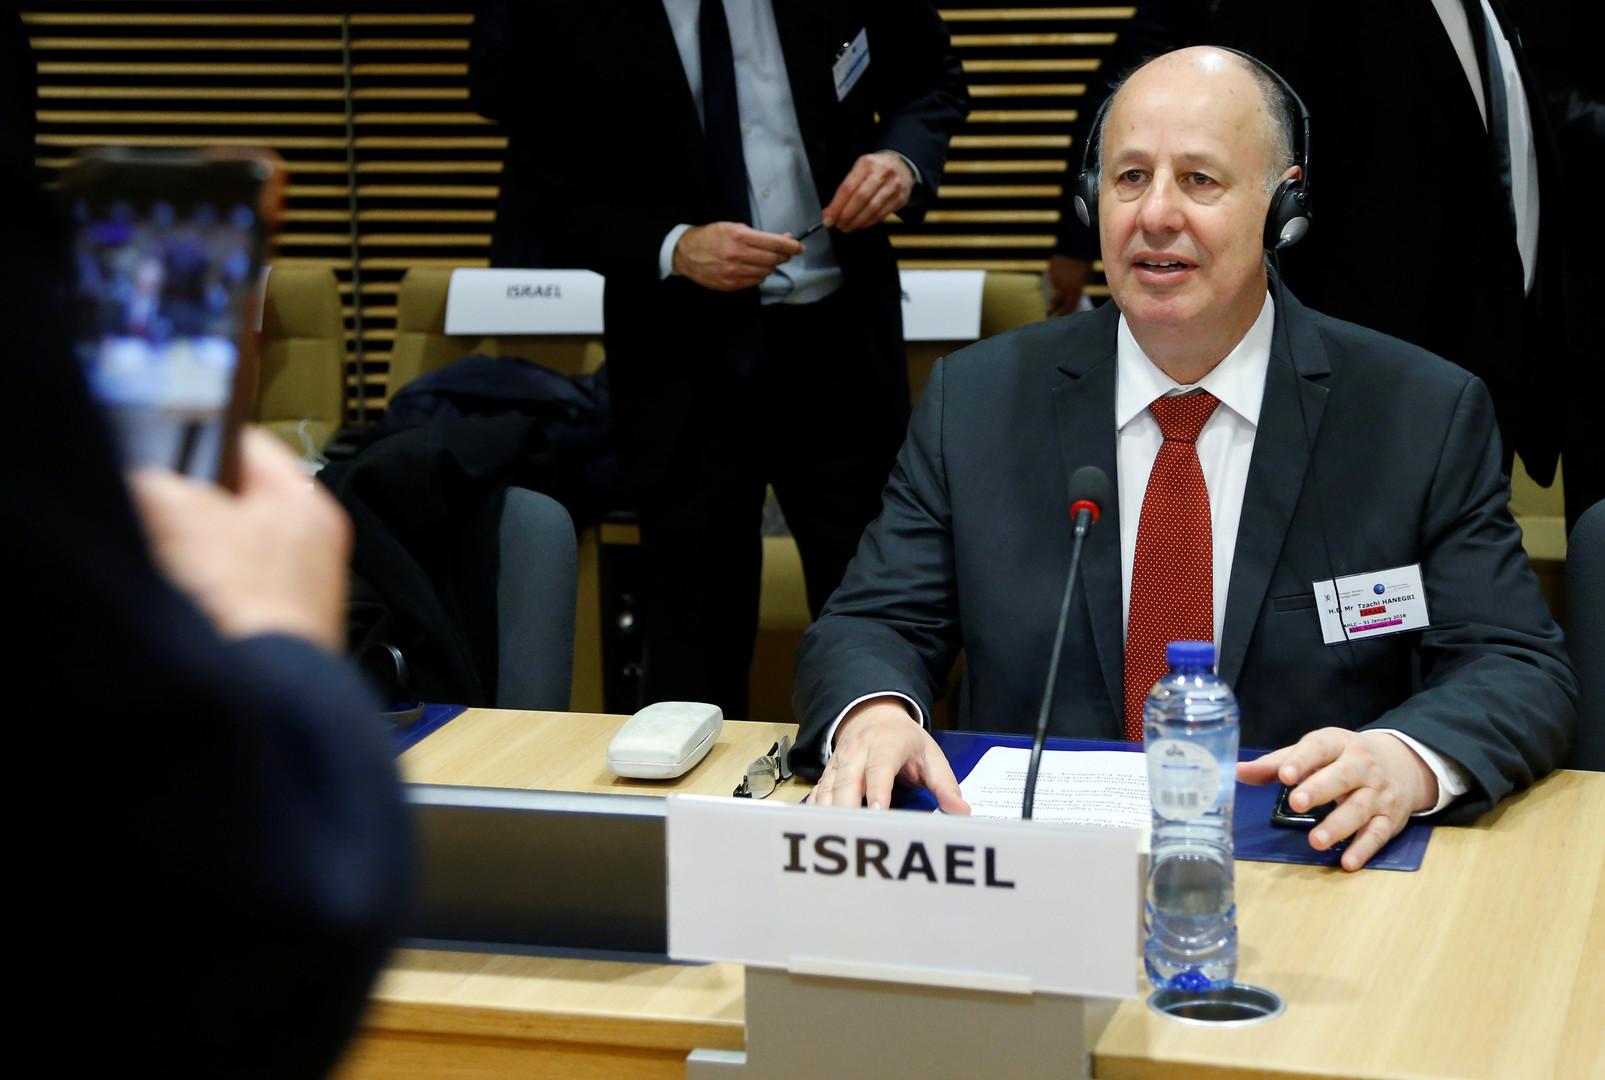 وزير إسرائيلي بارز: نحن الدولة الوحيدة التي تقتل الإيرانيين!